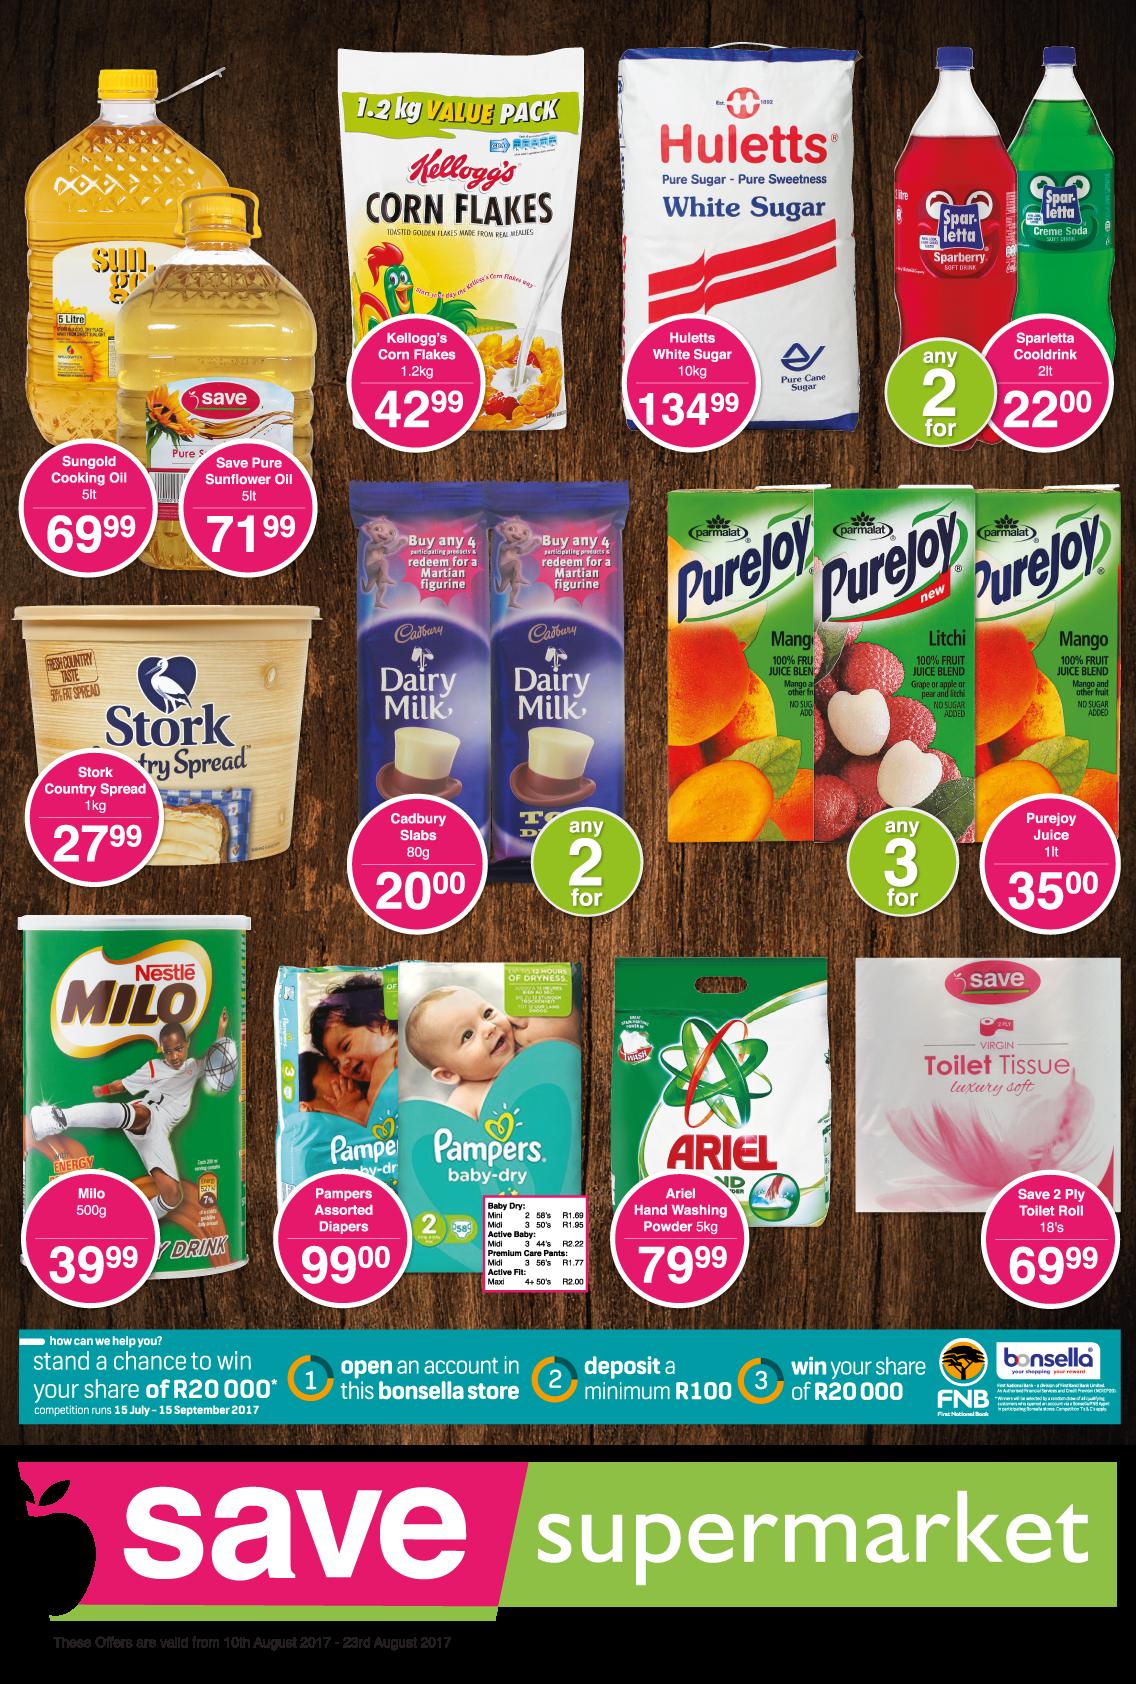 Save Supermarket Brickfield / Truro Specials - until 23rd August 2017